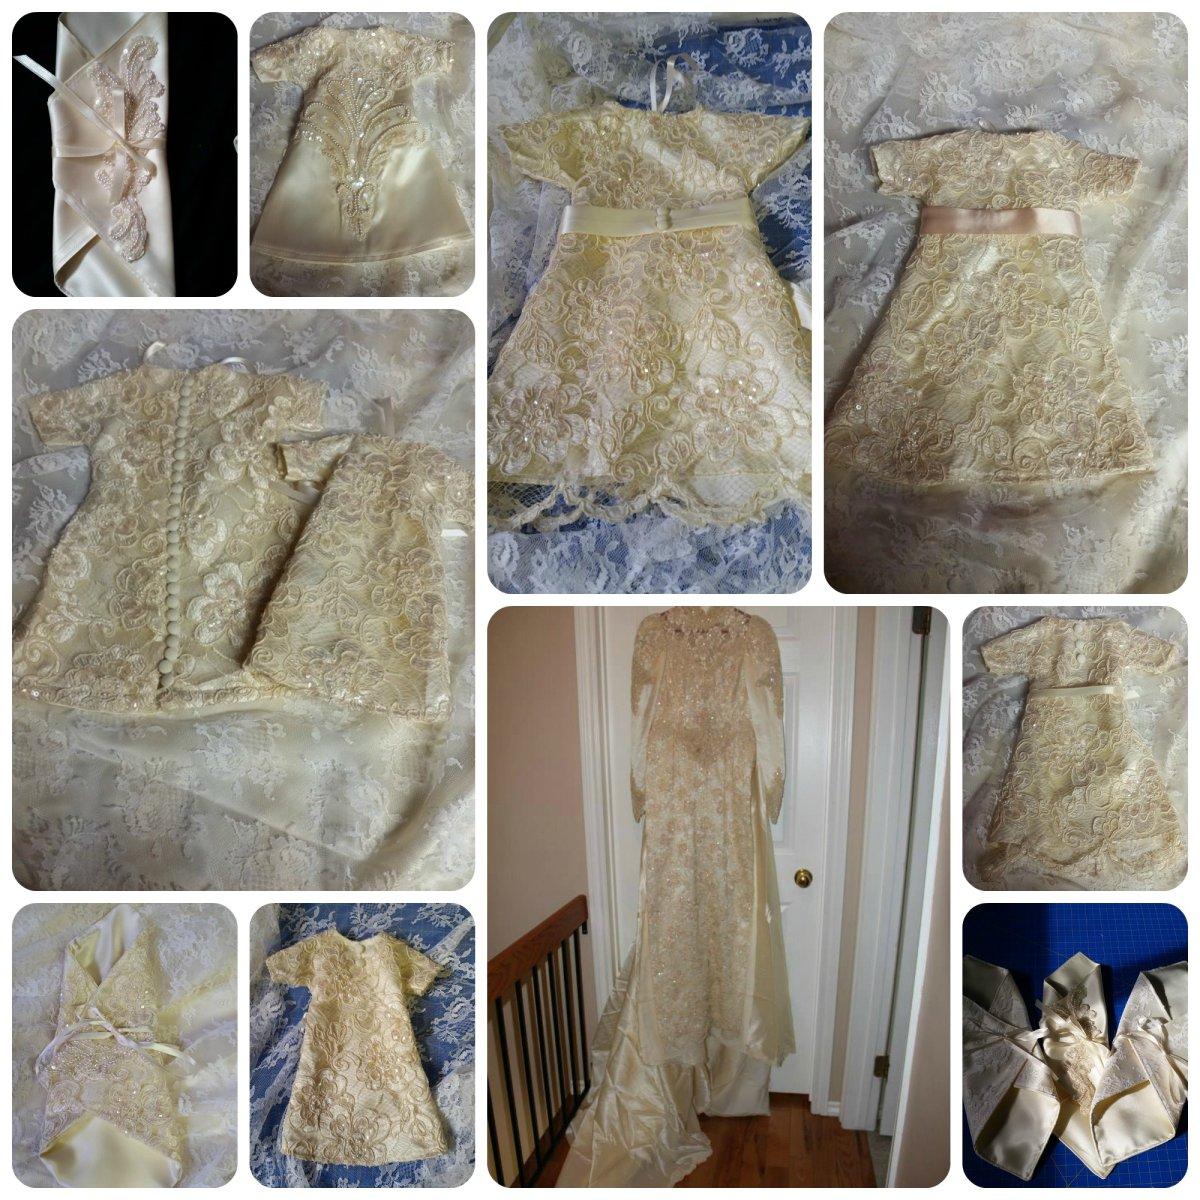 Donated by Carol DeMossiac Seamstress Michele O'Callaghan